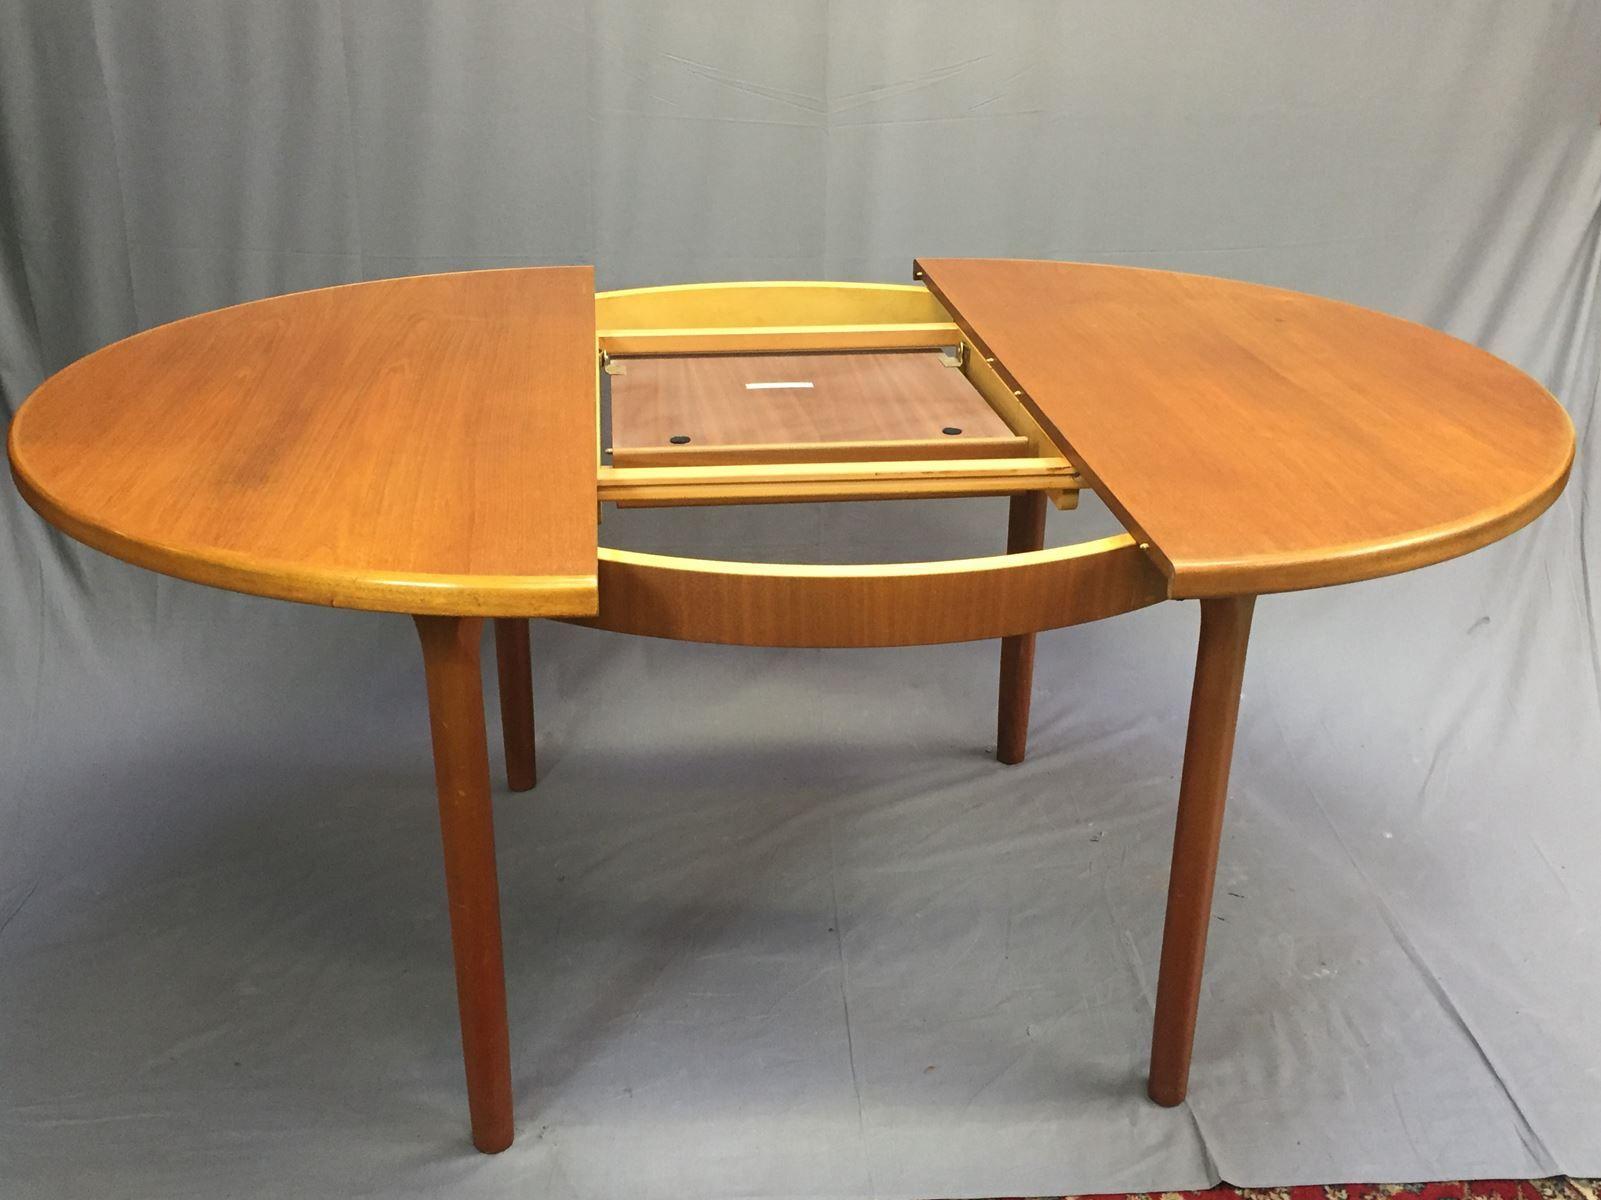 Ovaler vintage tisch im skandinavischen stil von mcintosh for Ovaler tisch